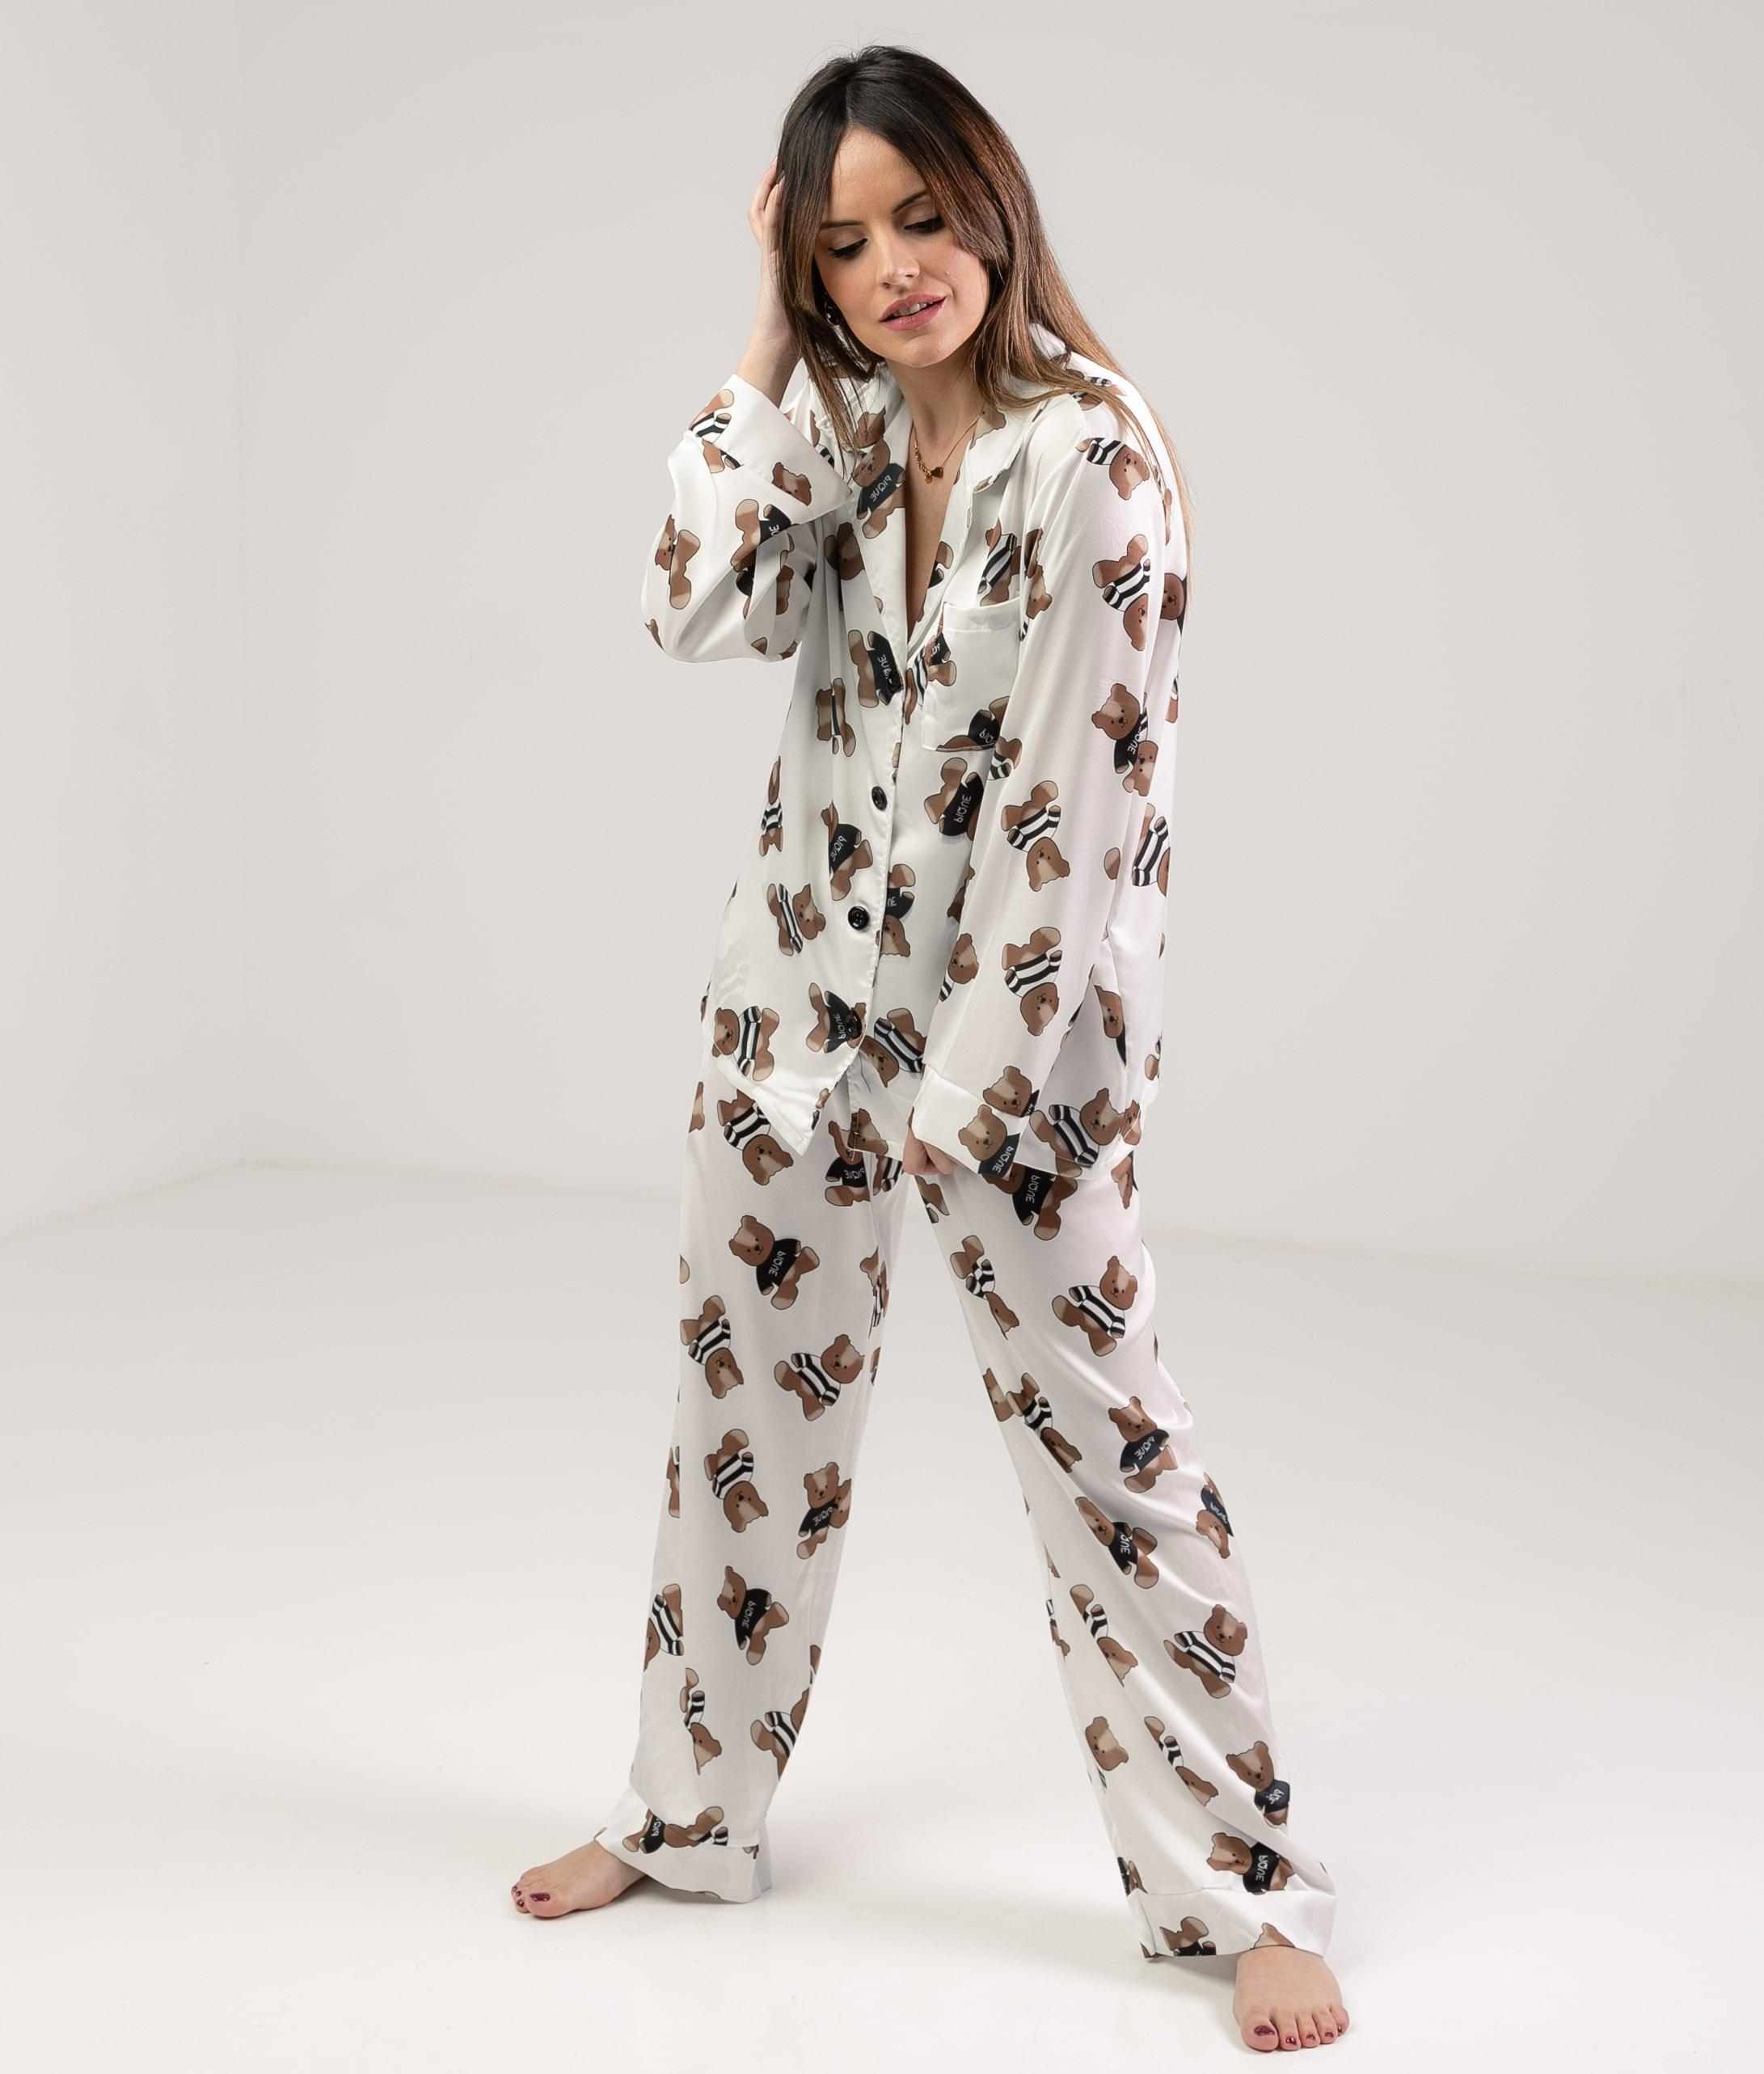 Pijama Xinkon - Branco